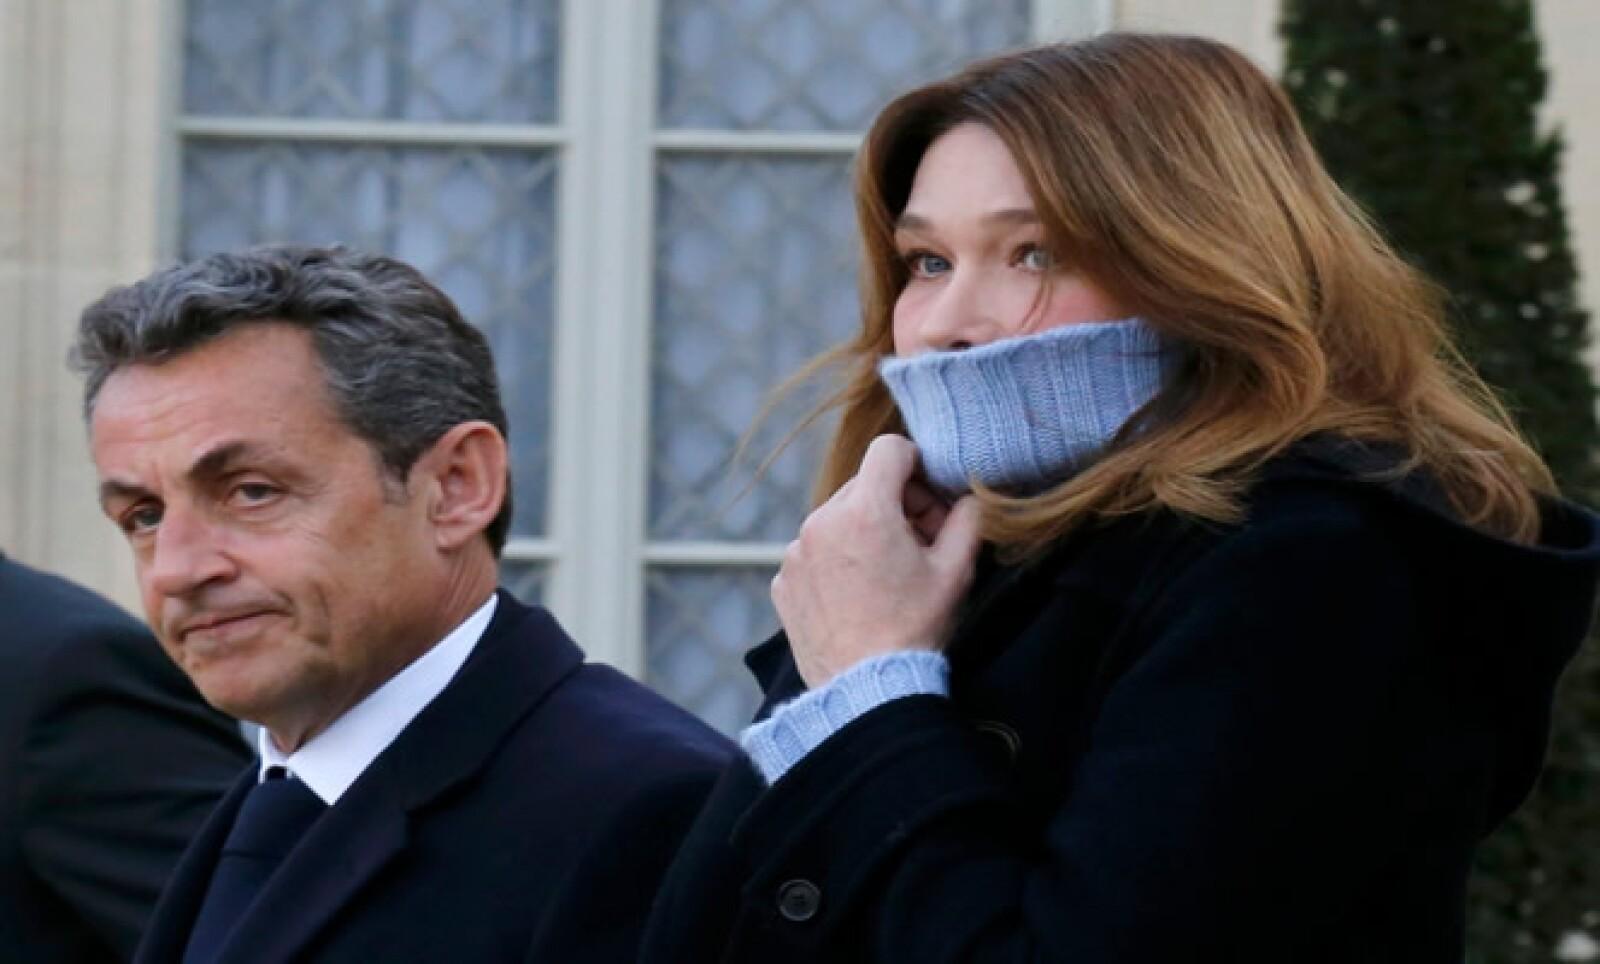 El ex presidente francés y ahora jefe del partido francés UMP, y su esposa Carla Bruni-Sarkozy asistieron a la marcha.